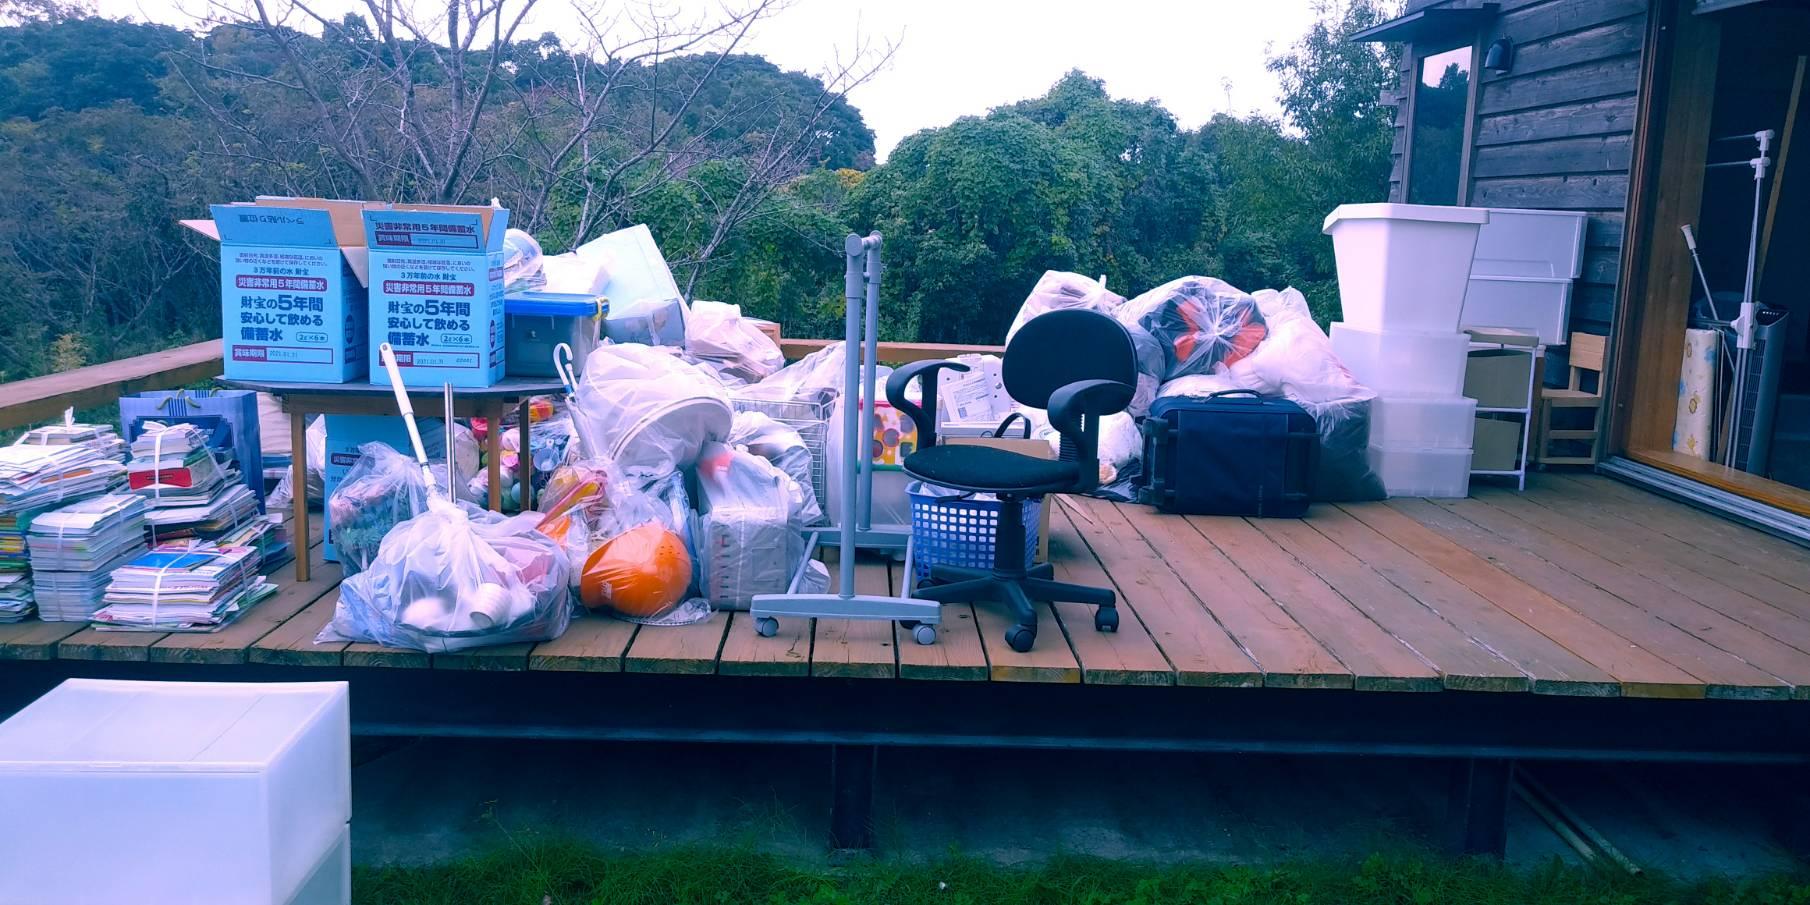 スーツケース、雑誌、収納ケース、衣類の回収前